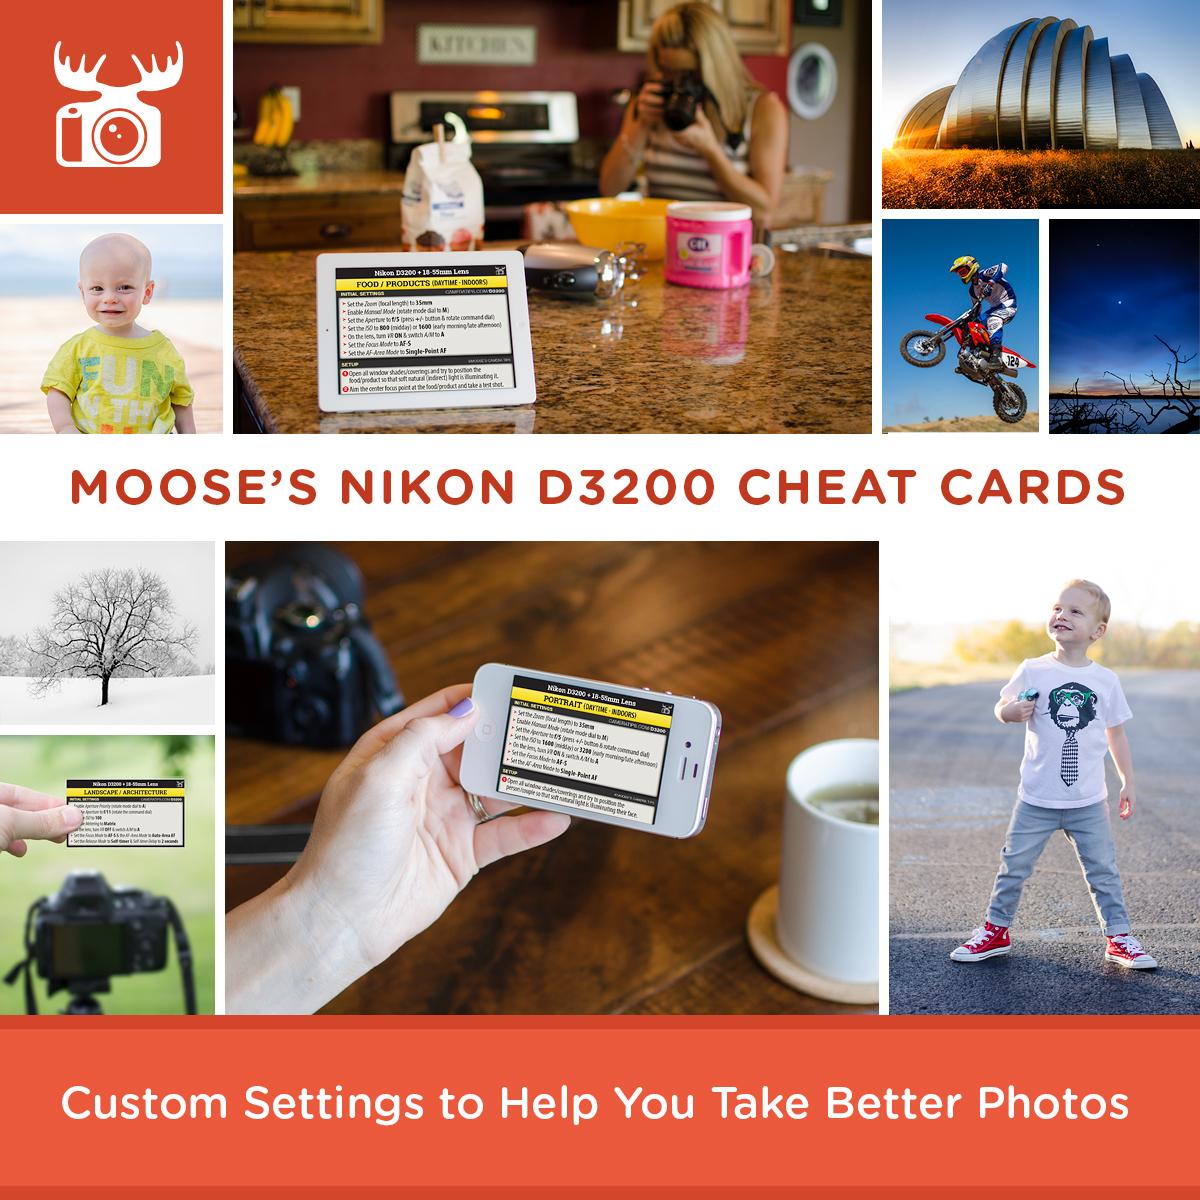 Nikon D5500 Vs D7200 >> Nikon D3200 Cheat Sheet | Best Settings for the Nikon D3200